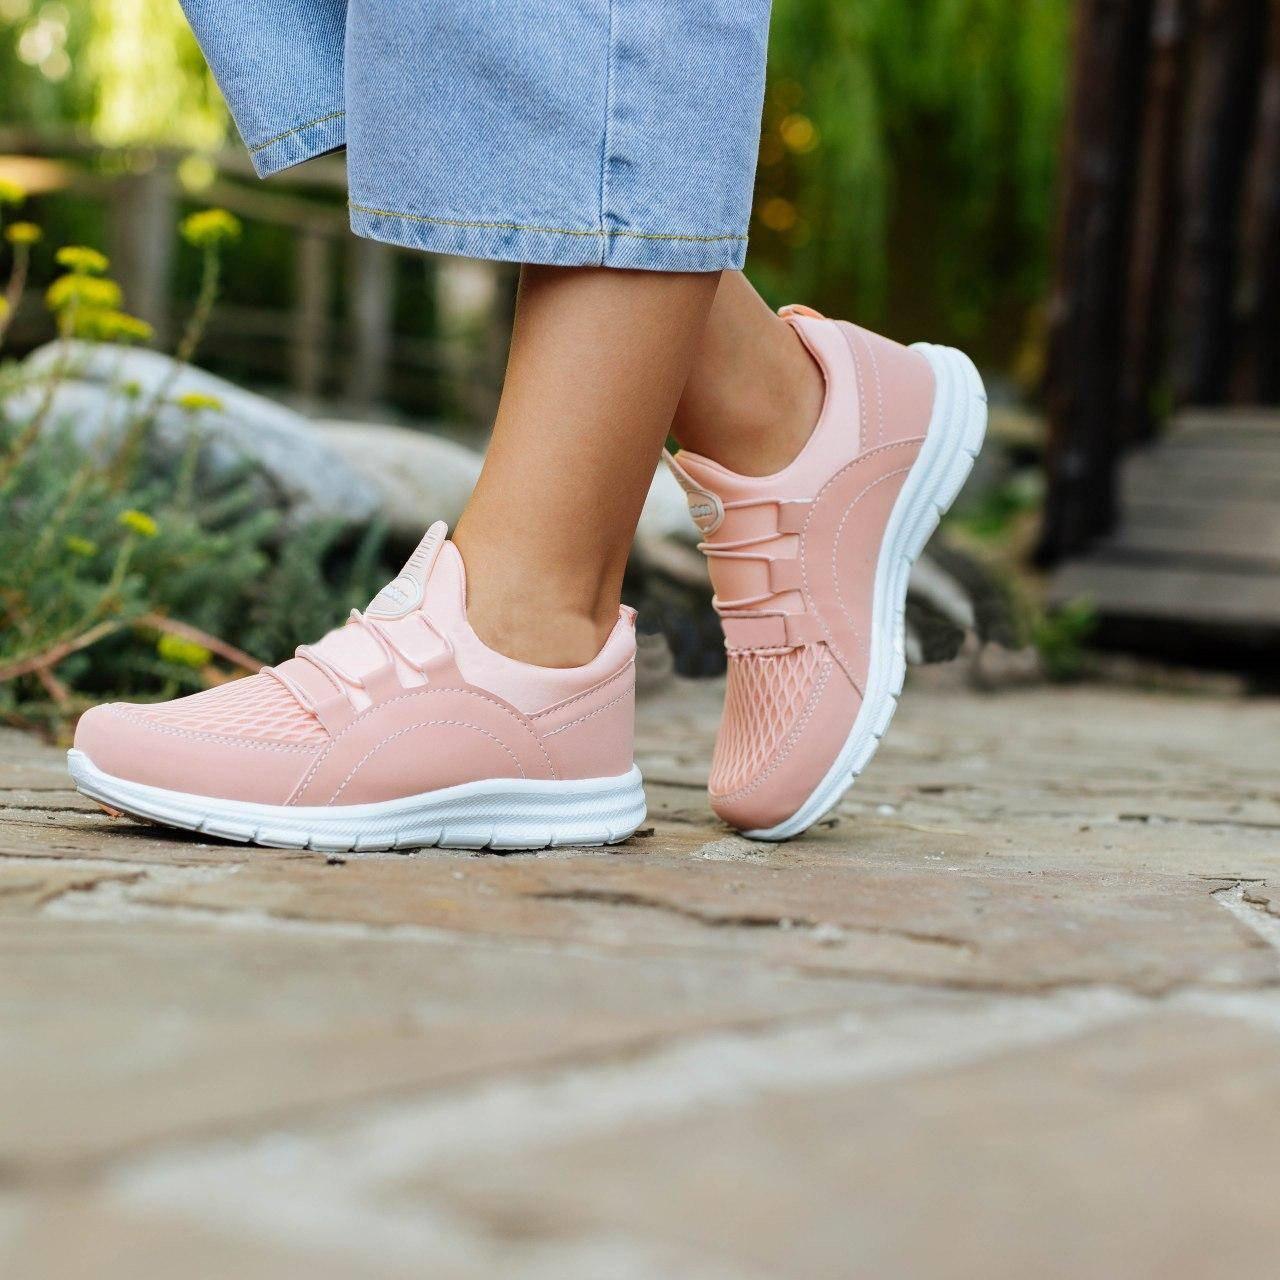 Детские кроссовки, размеры 31-35 (Розовые)